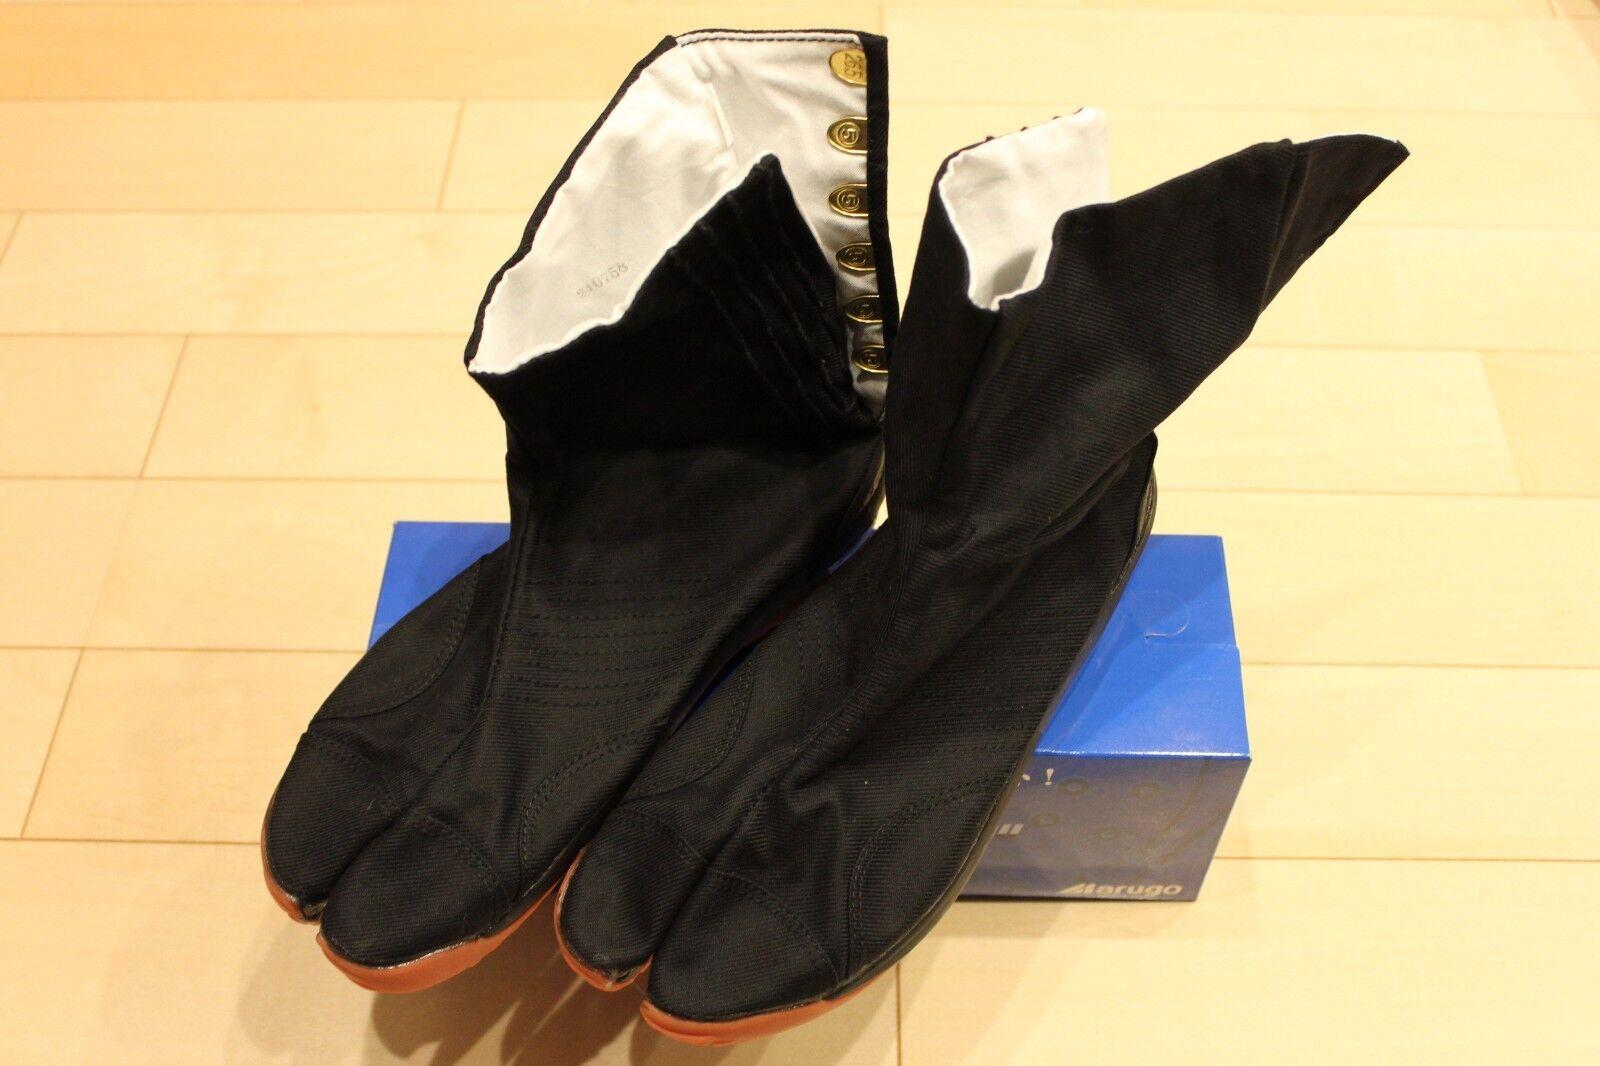 Tabi zapatos corto Marugo AIR JOG Cojín Ninja botas Matsuri Air 051 Negro F S Air